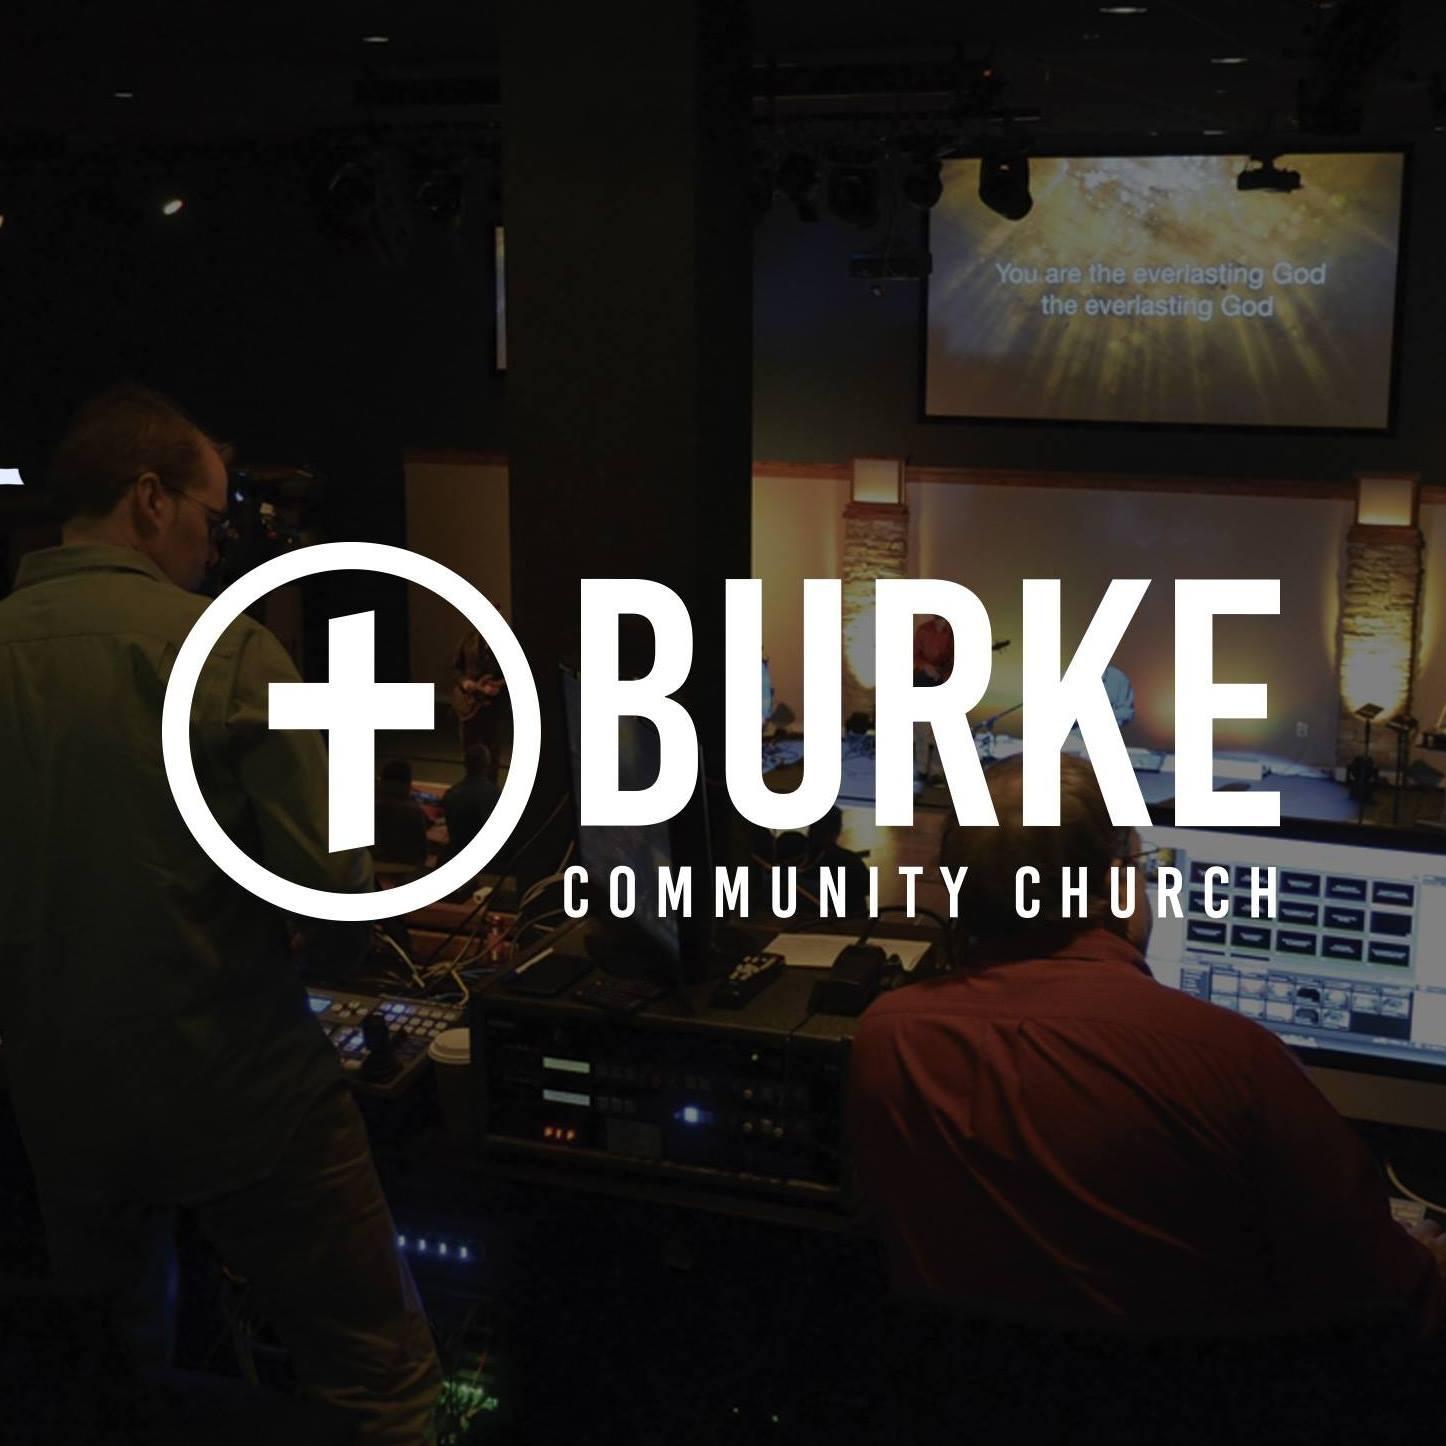 Burke Community Church